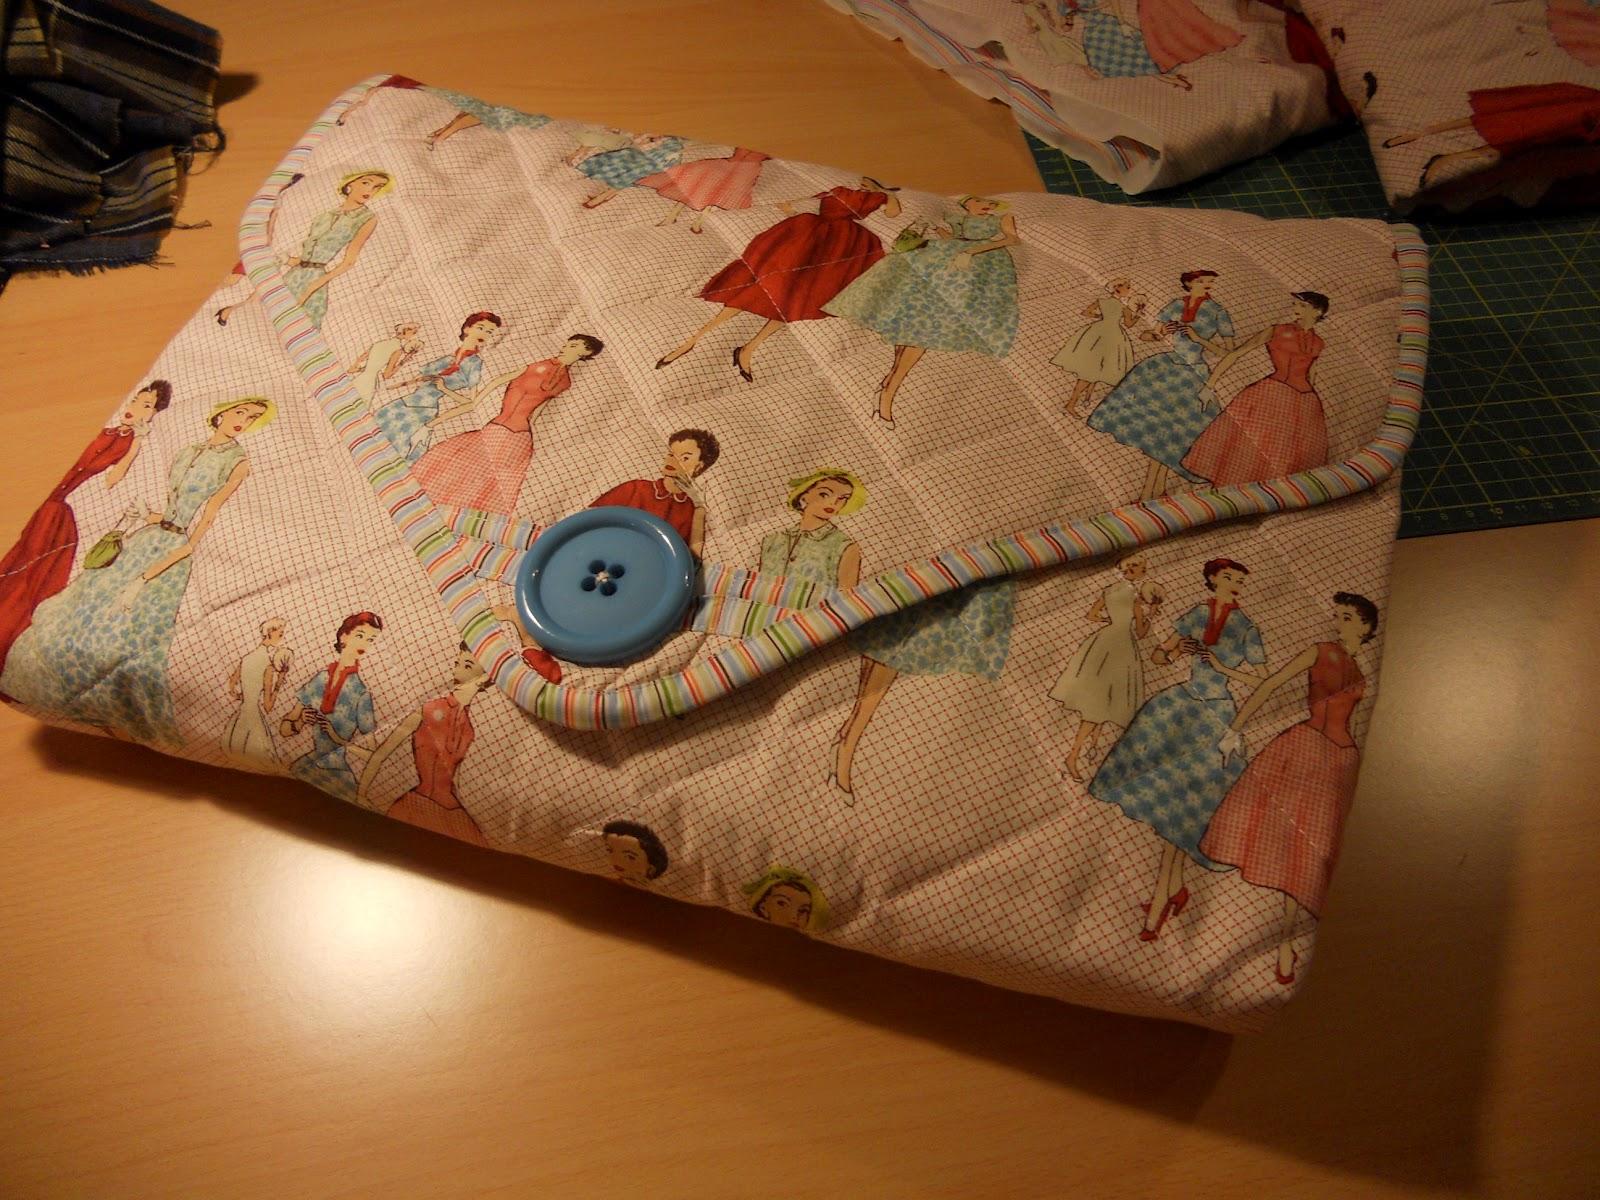 Idee Creative Cucito : Pizzi ricci e stravizi corsi di cucito creativo